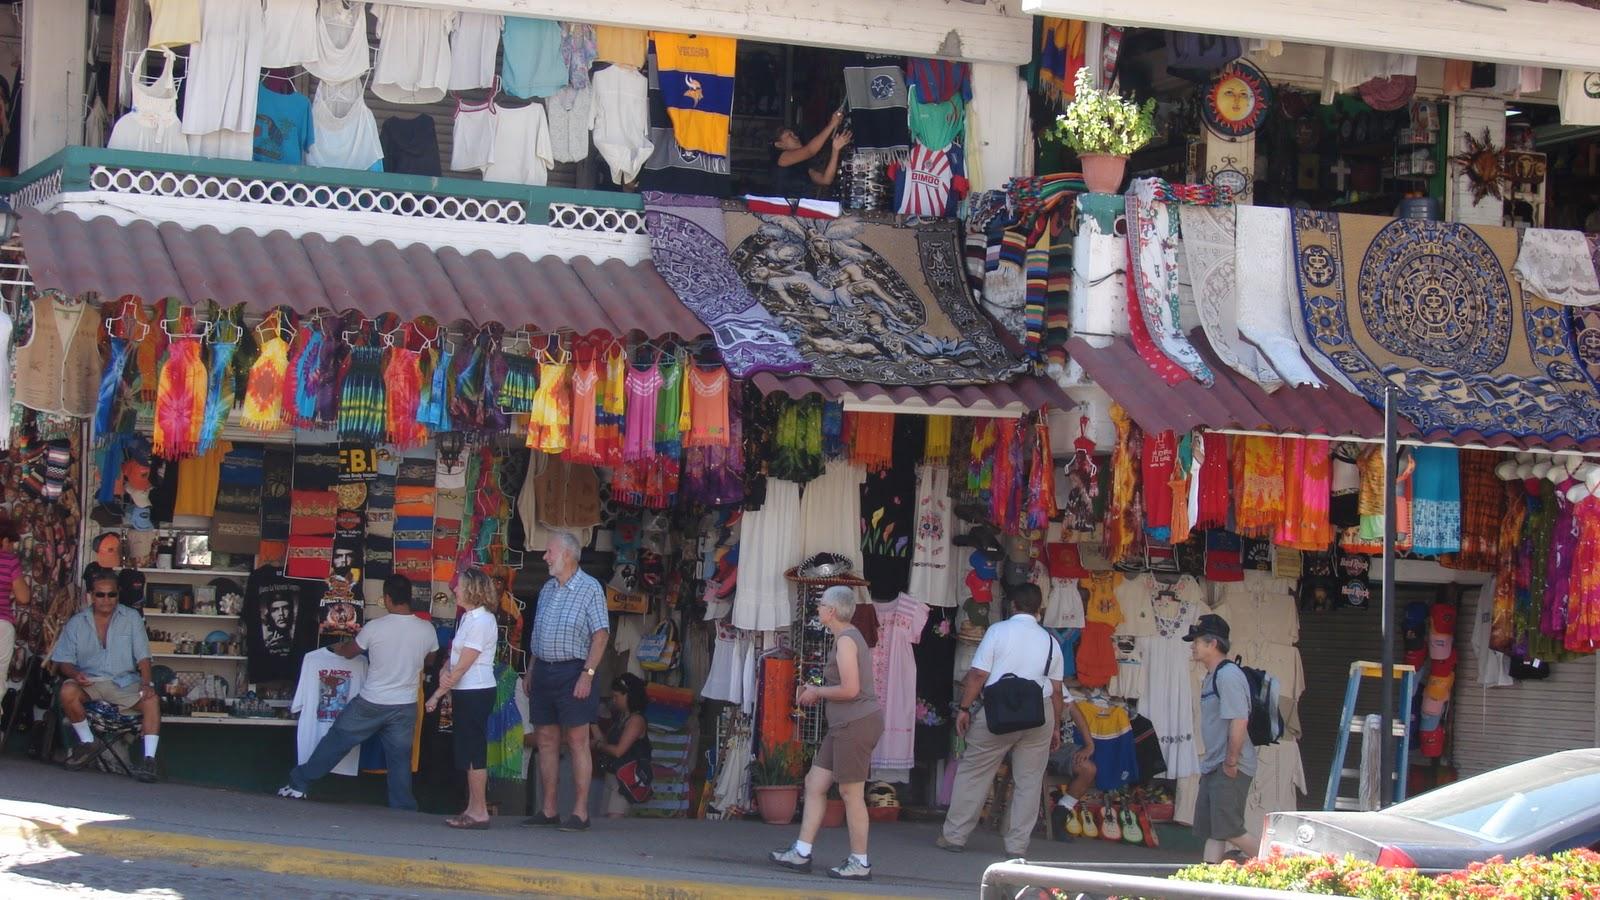 Mexico vacation puerta vallarta market life for Puerta 6 aeropuerto ciudad mexico